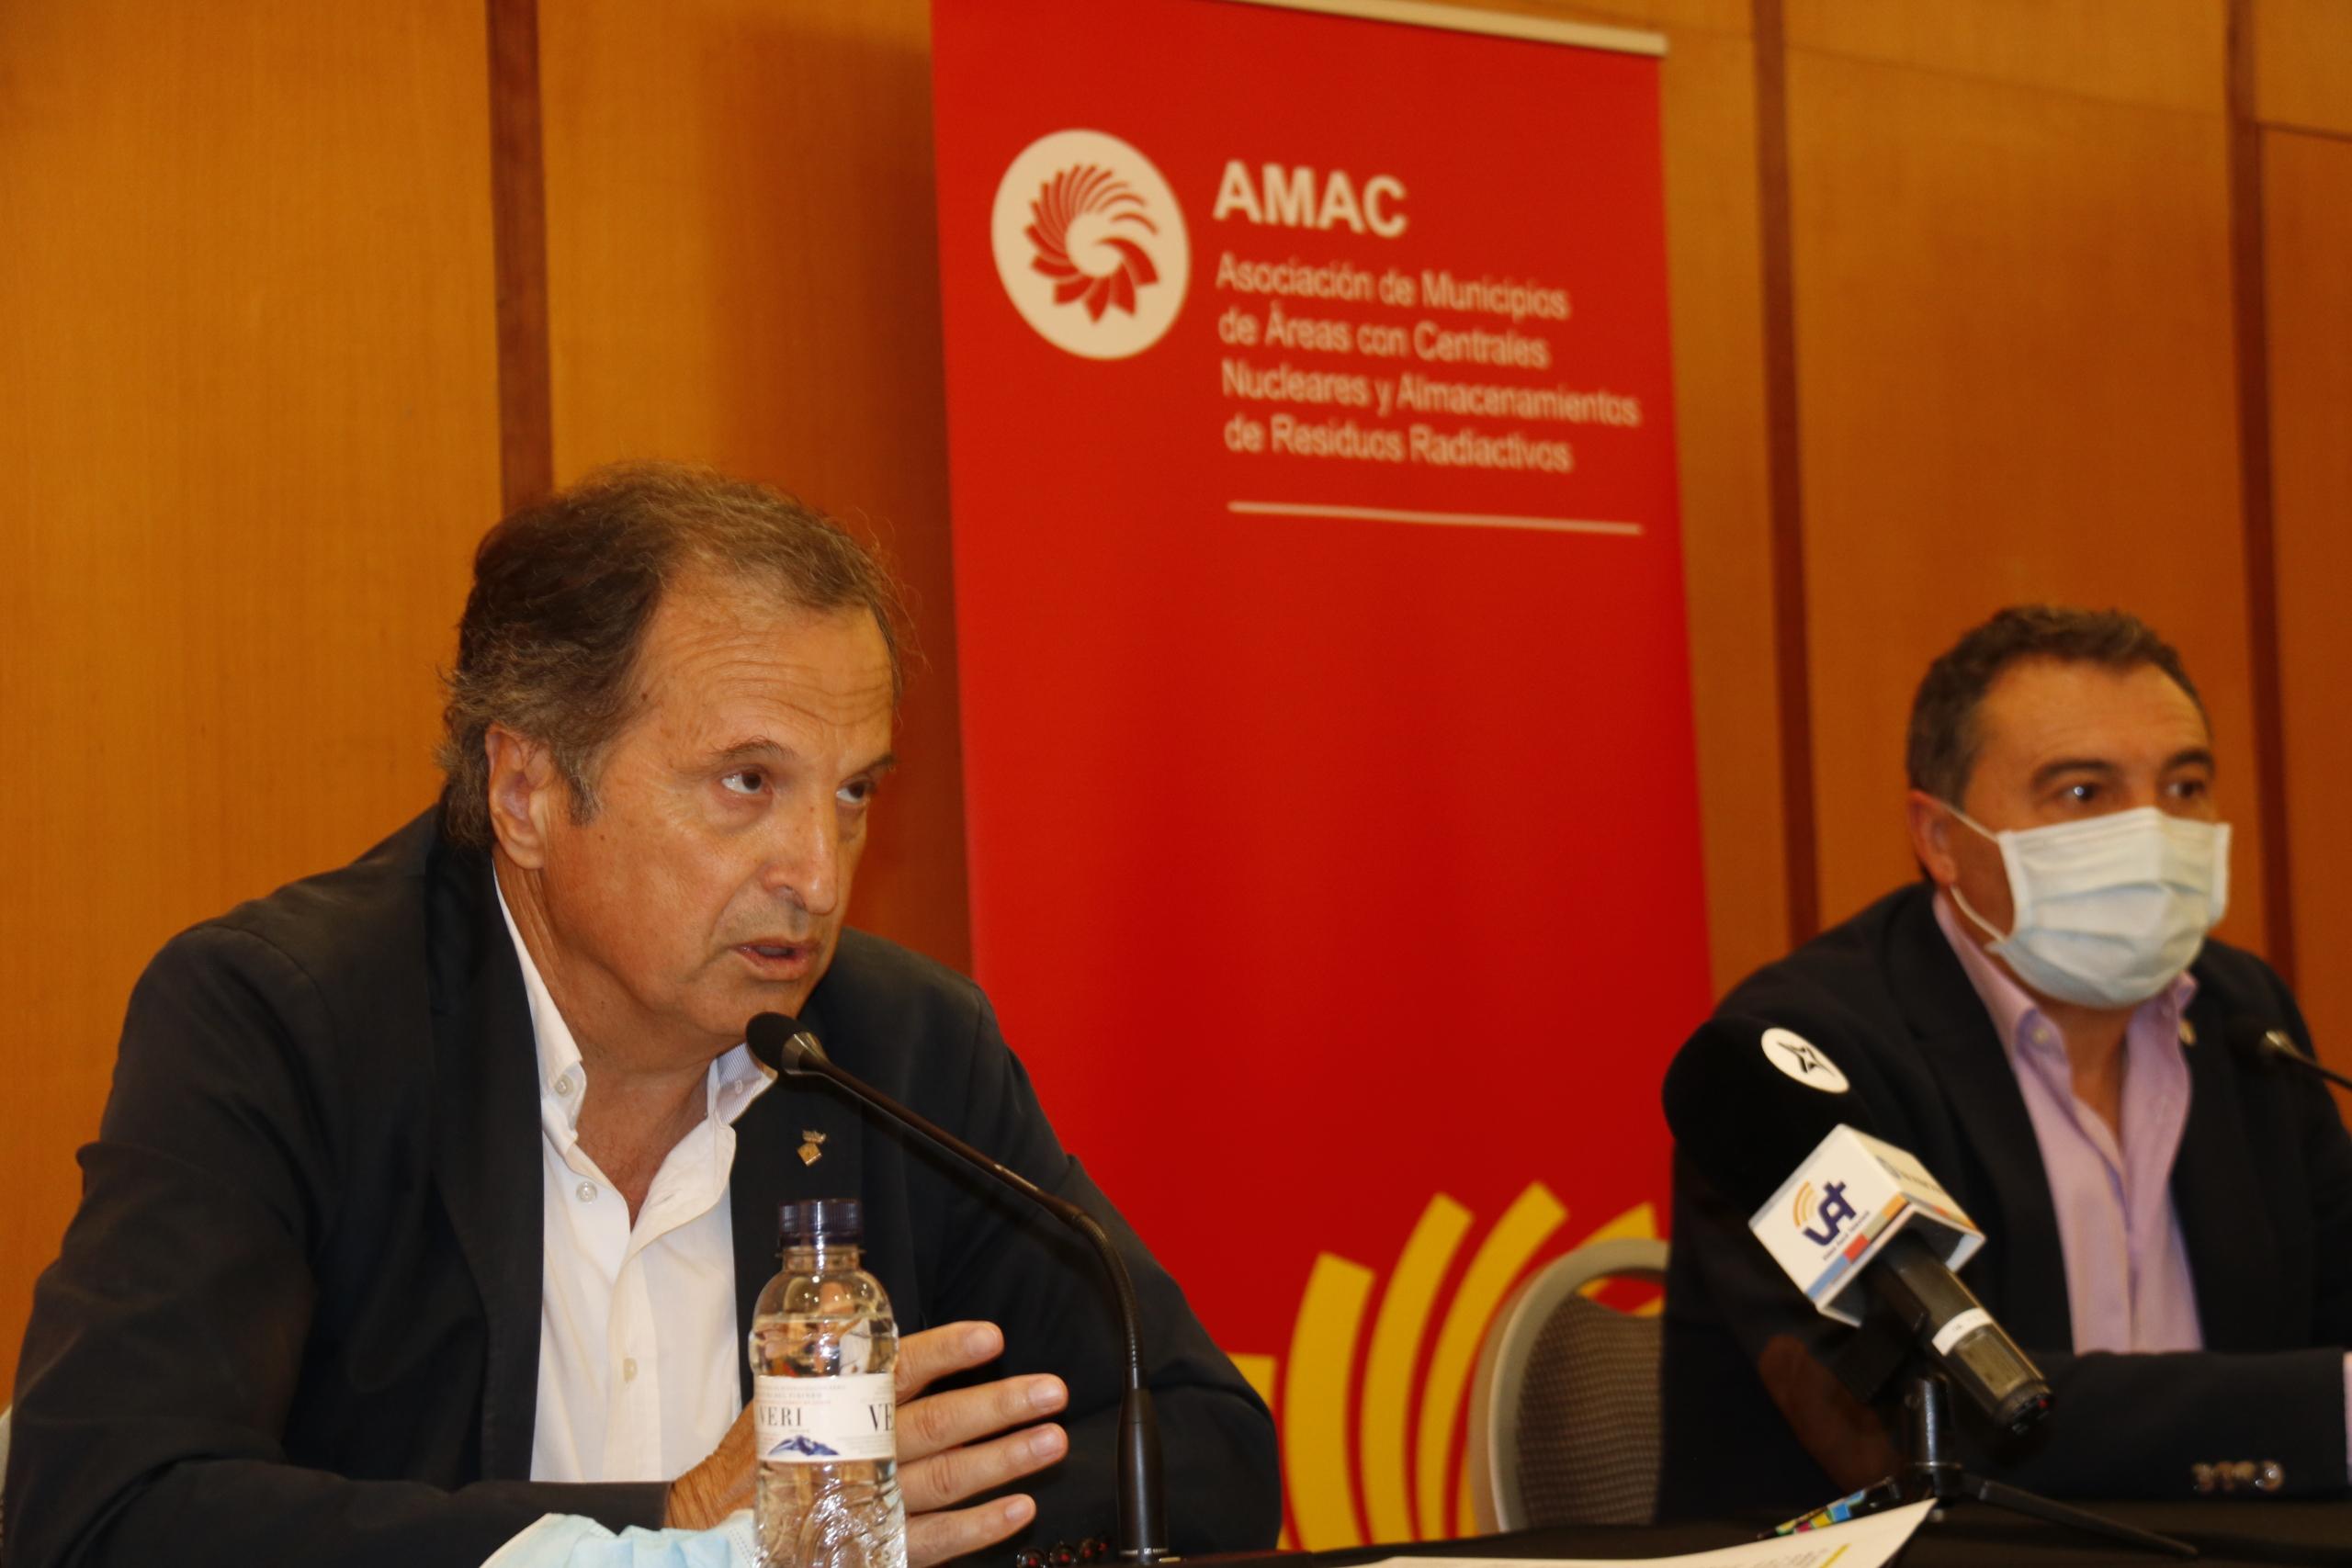 El vicepresident d'AMAC i alcalde de Vandellòs i l'Hospitalet de l'Infant, Alfons Garcia / ACN